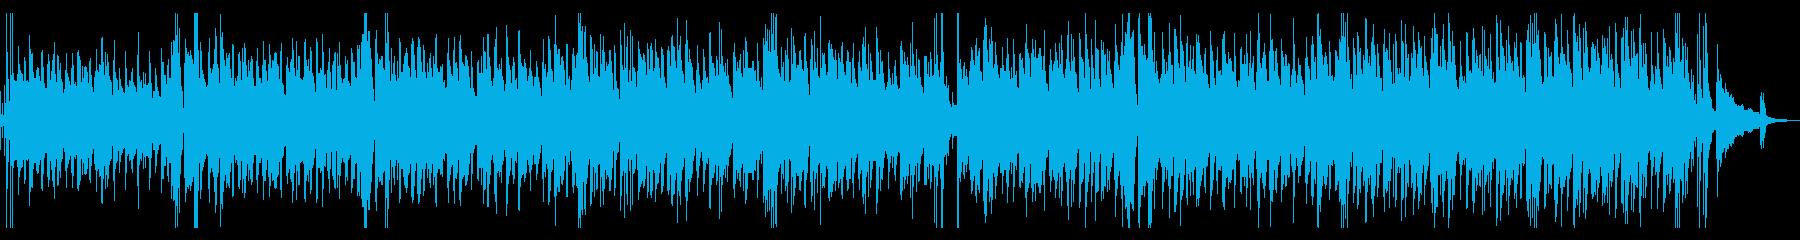 カフェBGM・疾走感のあるジャズギターの再生済みの波形